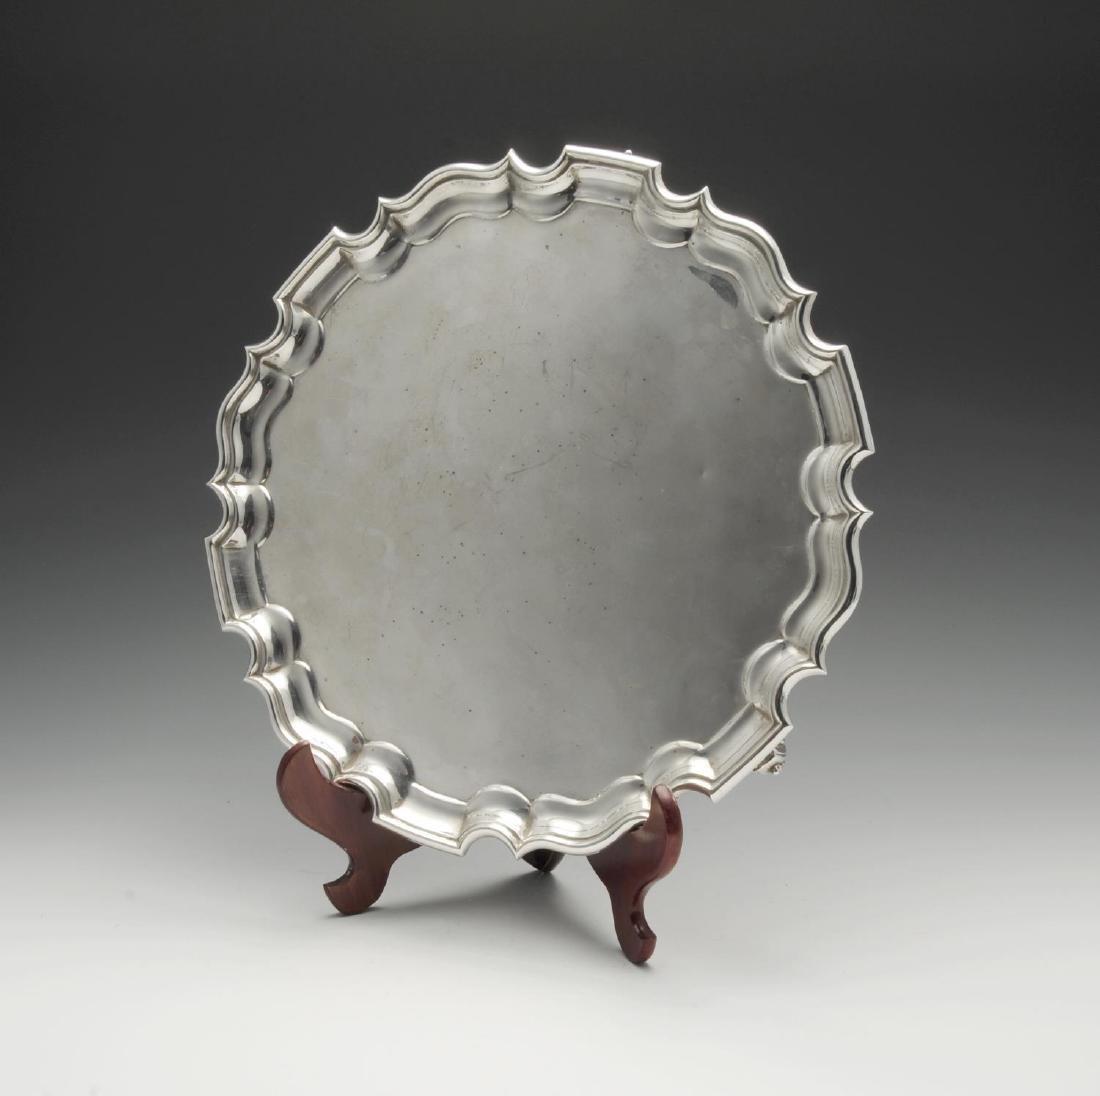 A 1930's silver salver, the circular form with